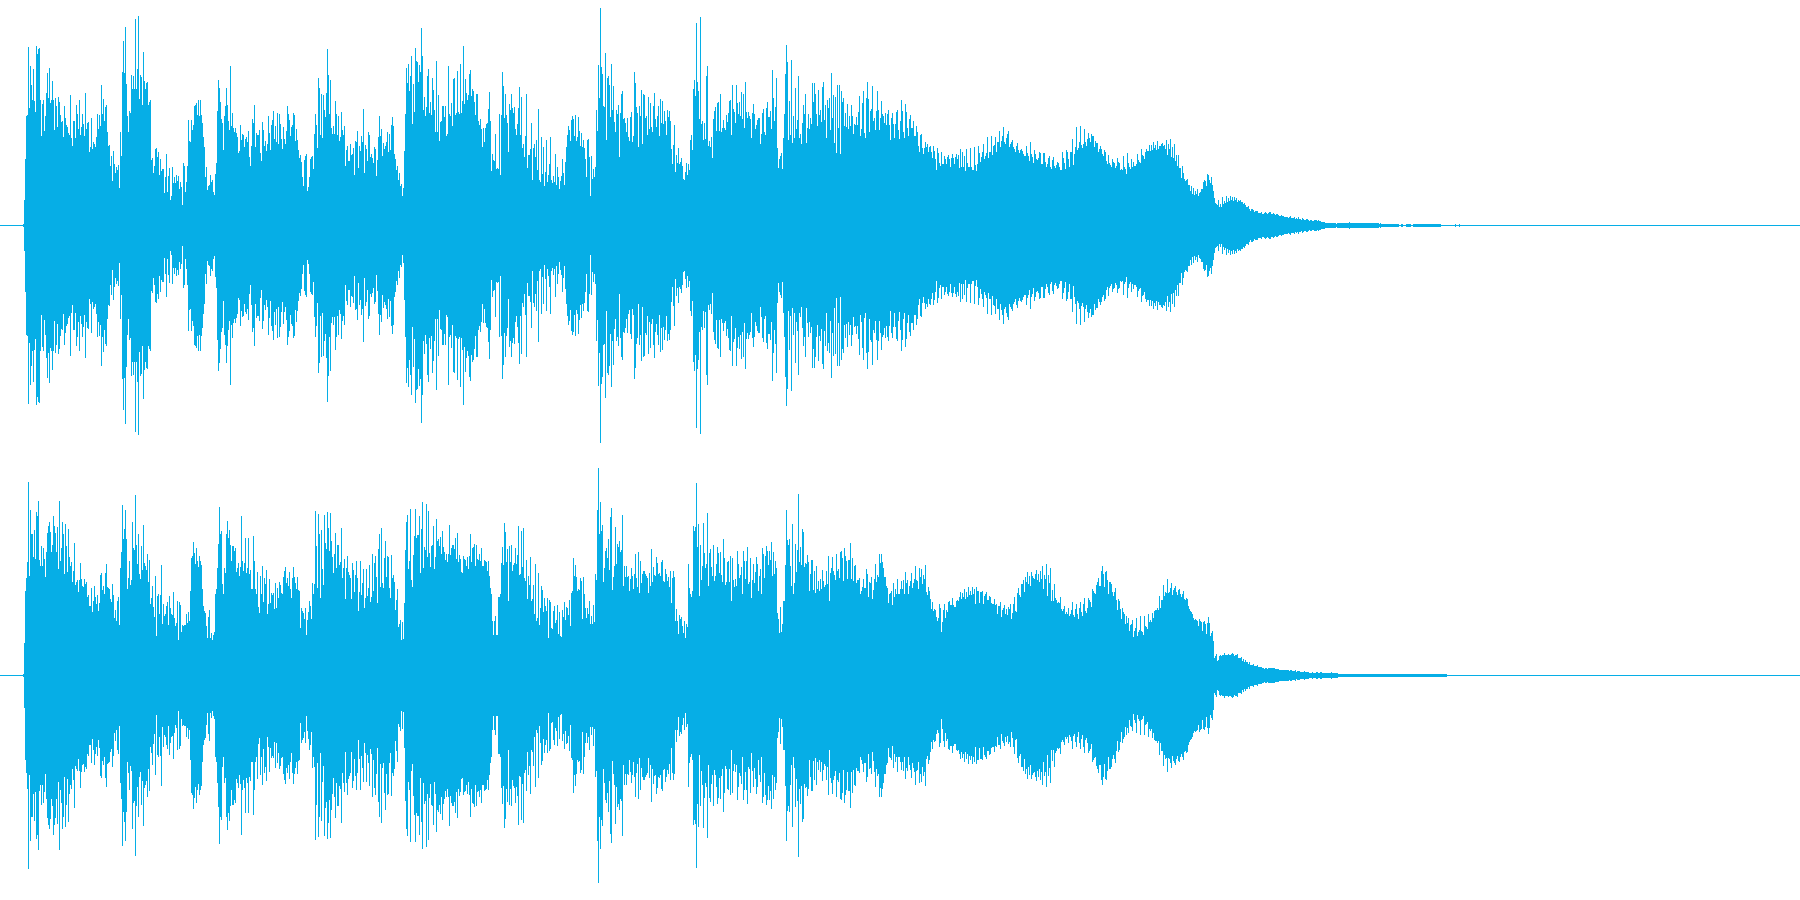 リコーダー、楽しい弾むリズムのジングルの再生済みの波形